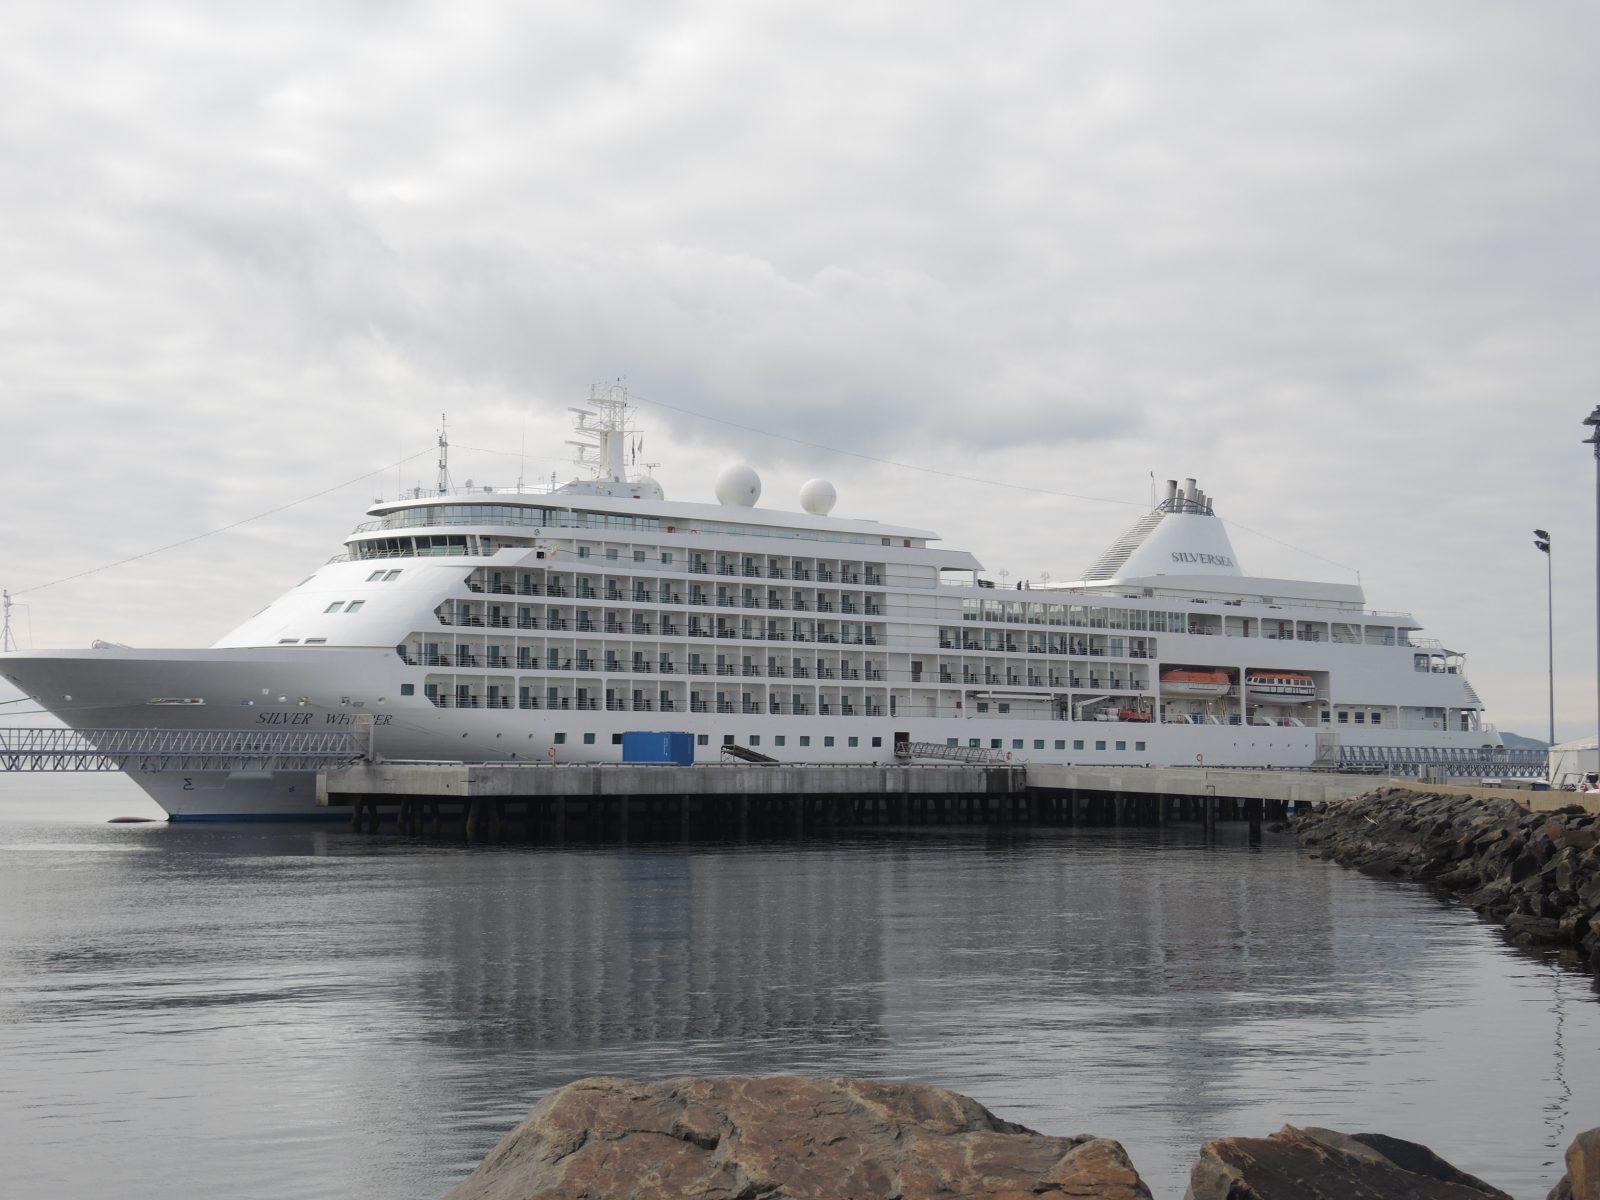 Croisières à Tadoussac: Sept-Îles et Havre-Saint-Pierre appuient l'opposition de Baie-Comeau